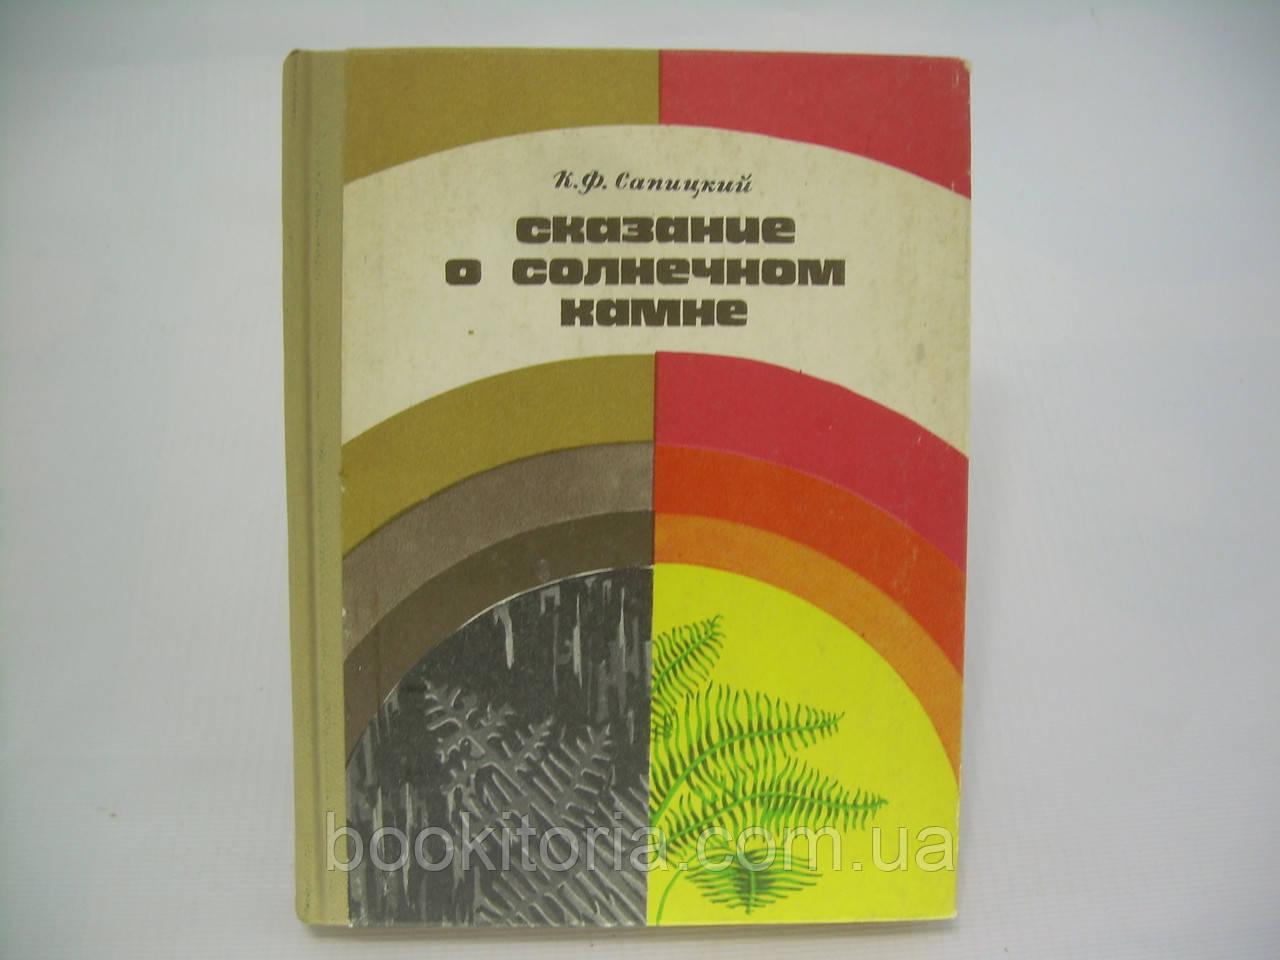 Сапицкий К.Ф. Сказание о солнечном камне (б/у)., фото 1